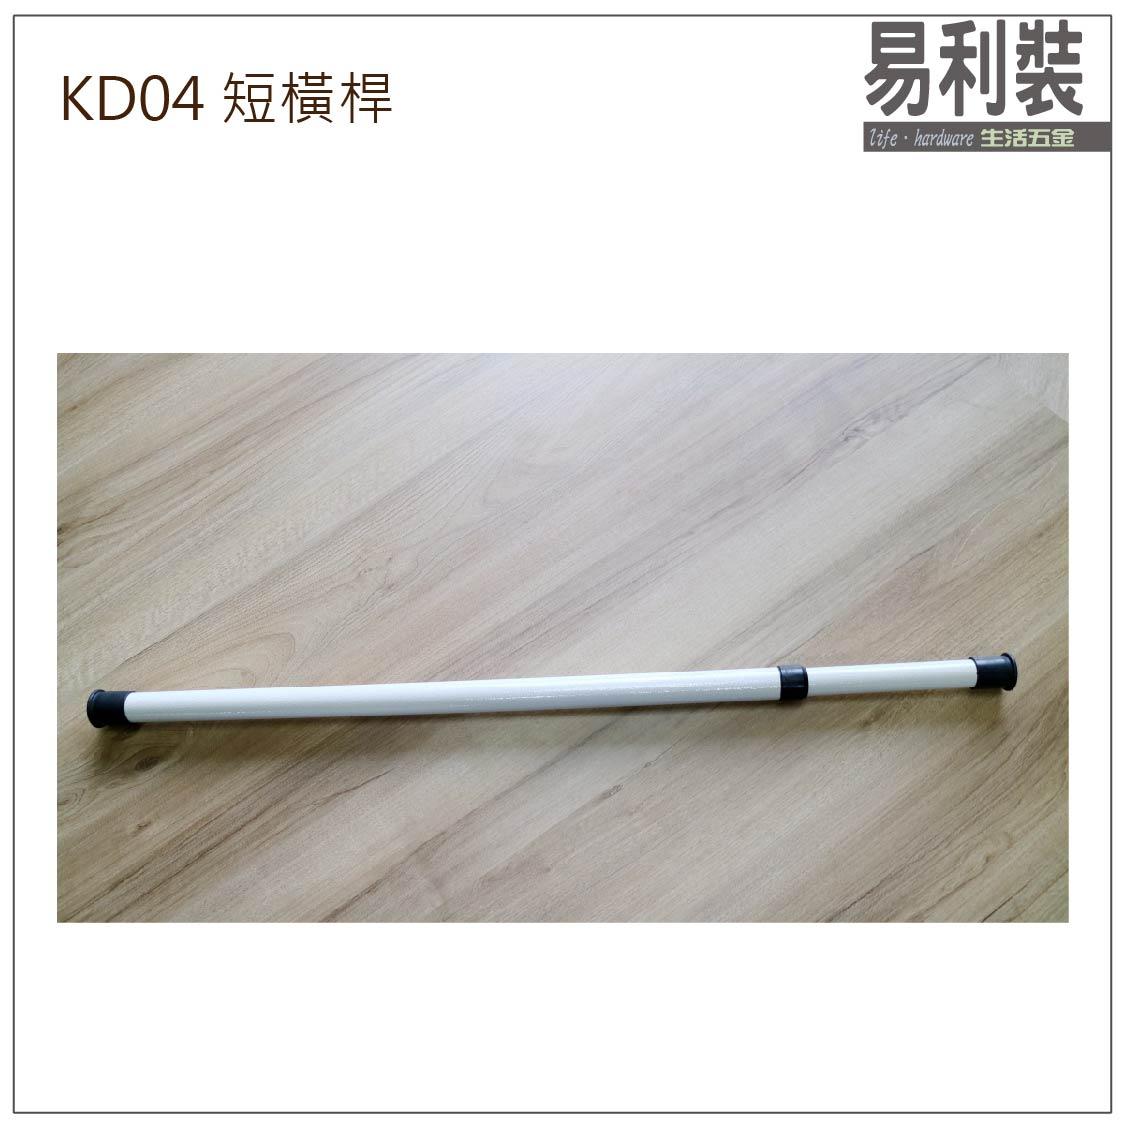 【 EASYCAN 】KD04 頂天立地組合配件 易利裝生活五金 短橫桿